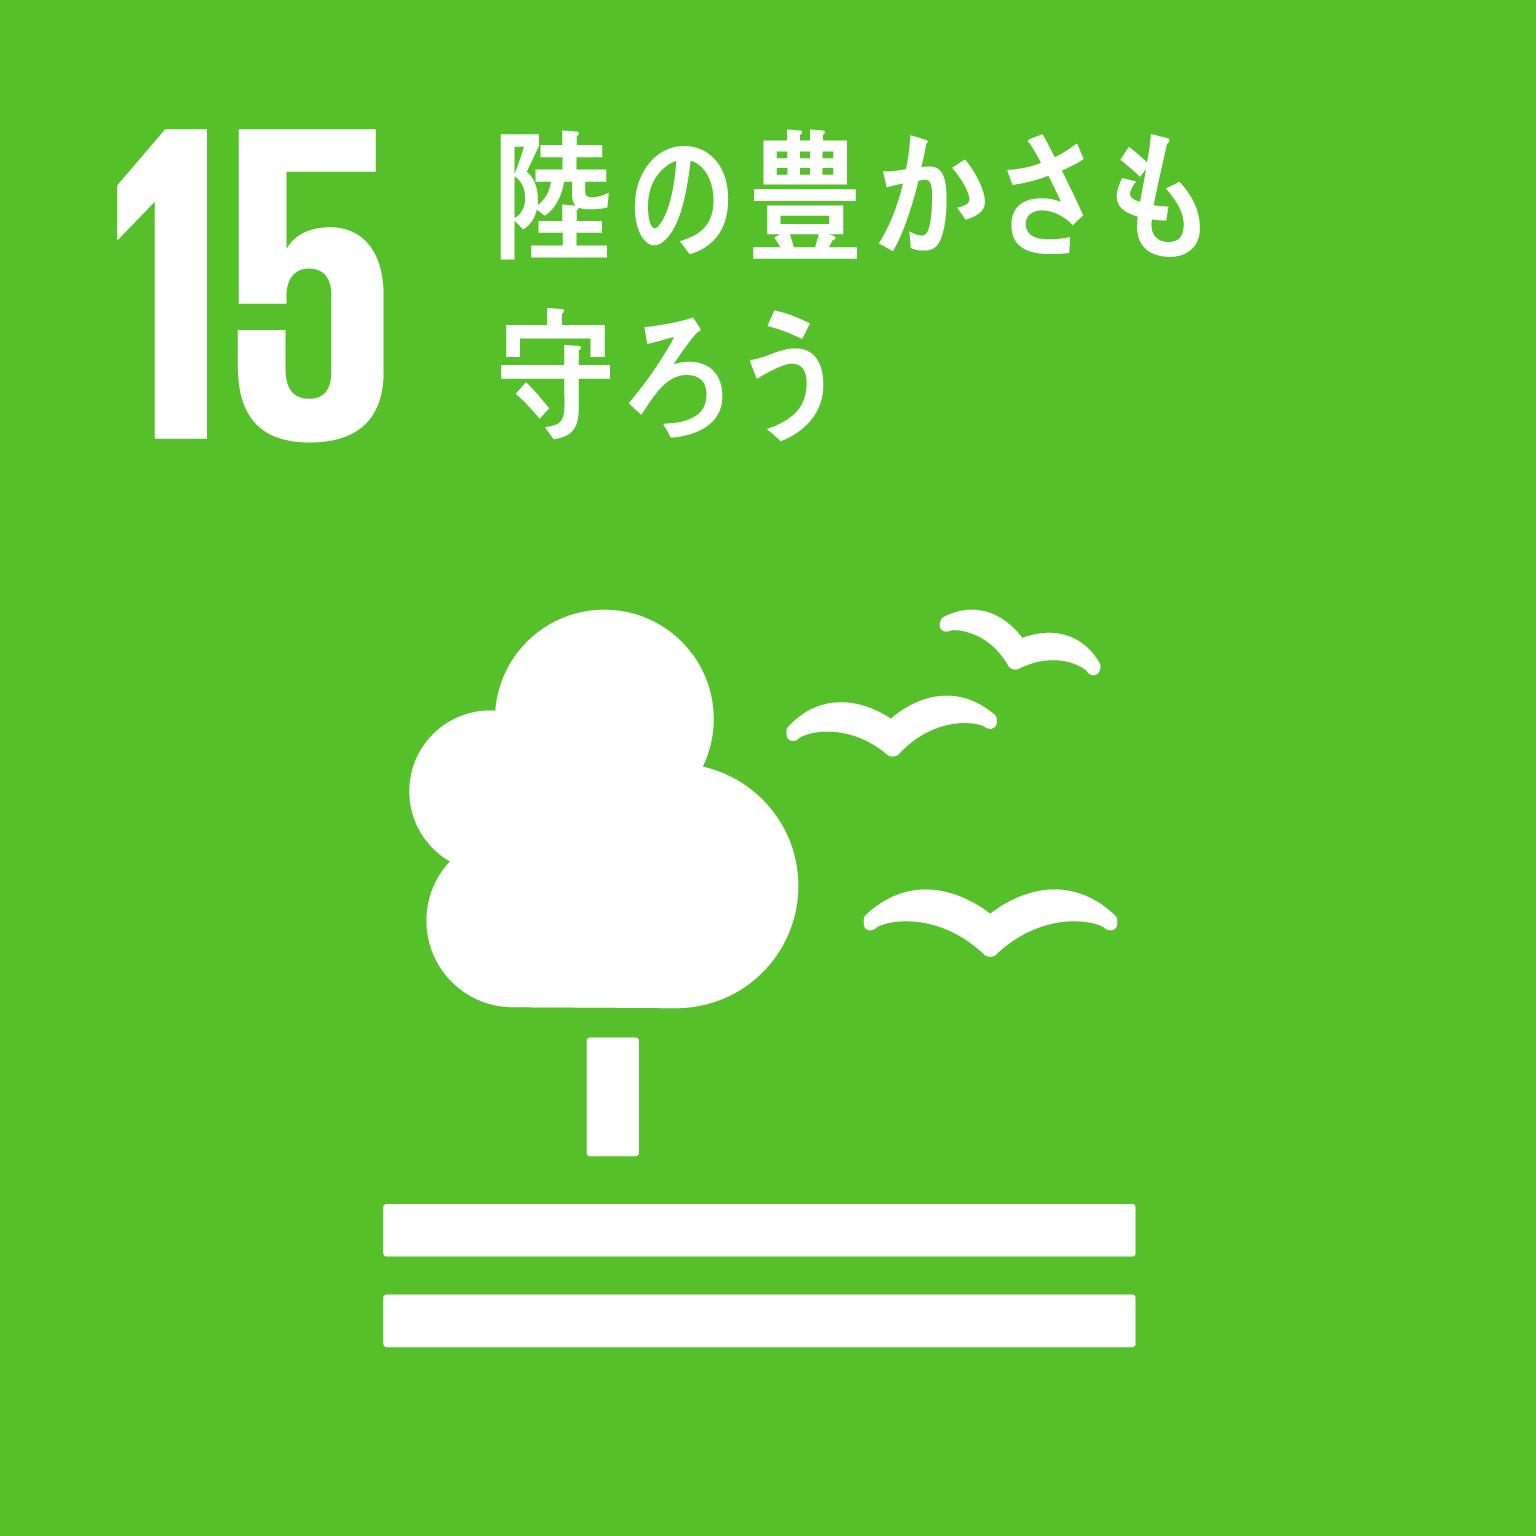 【ロゴ】SDGs15